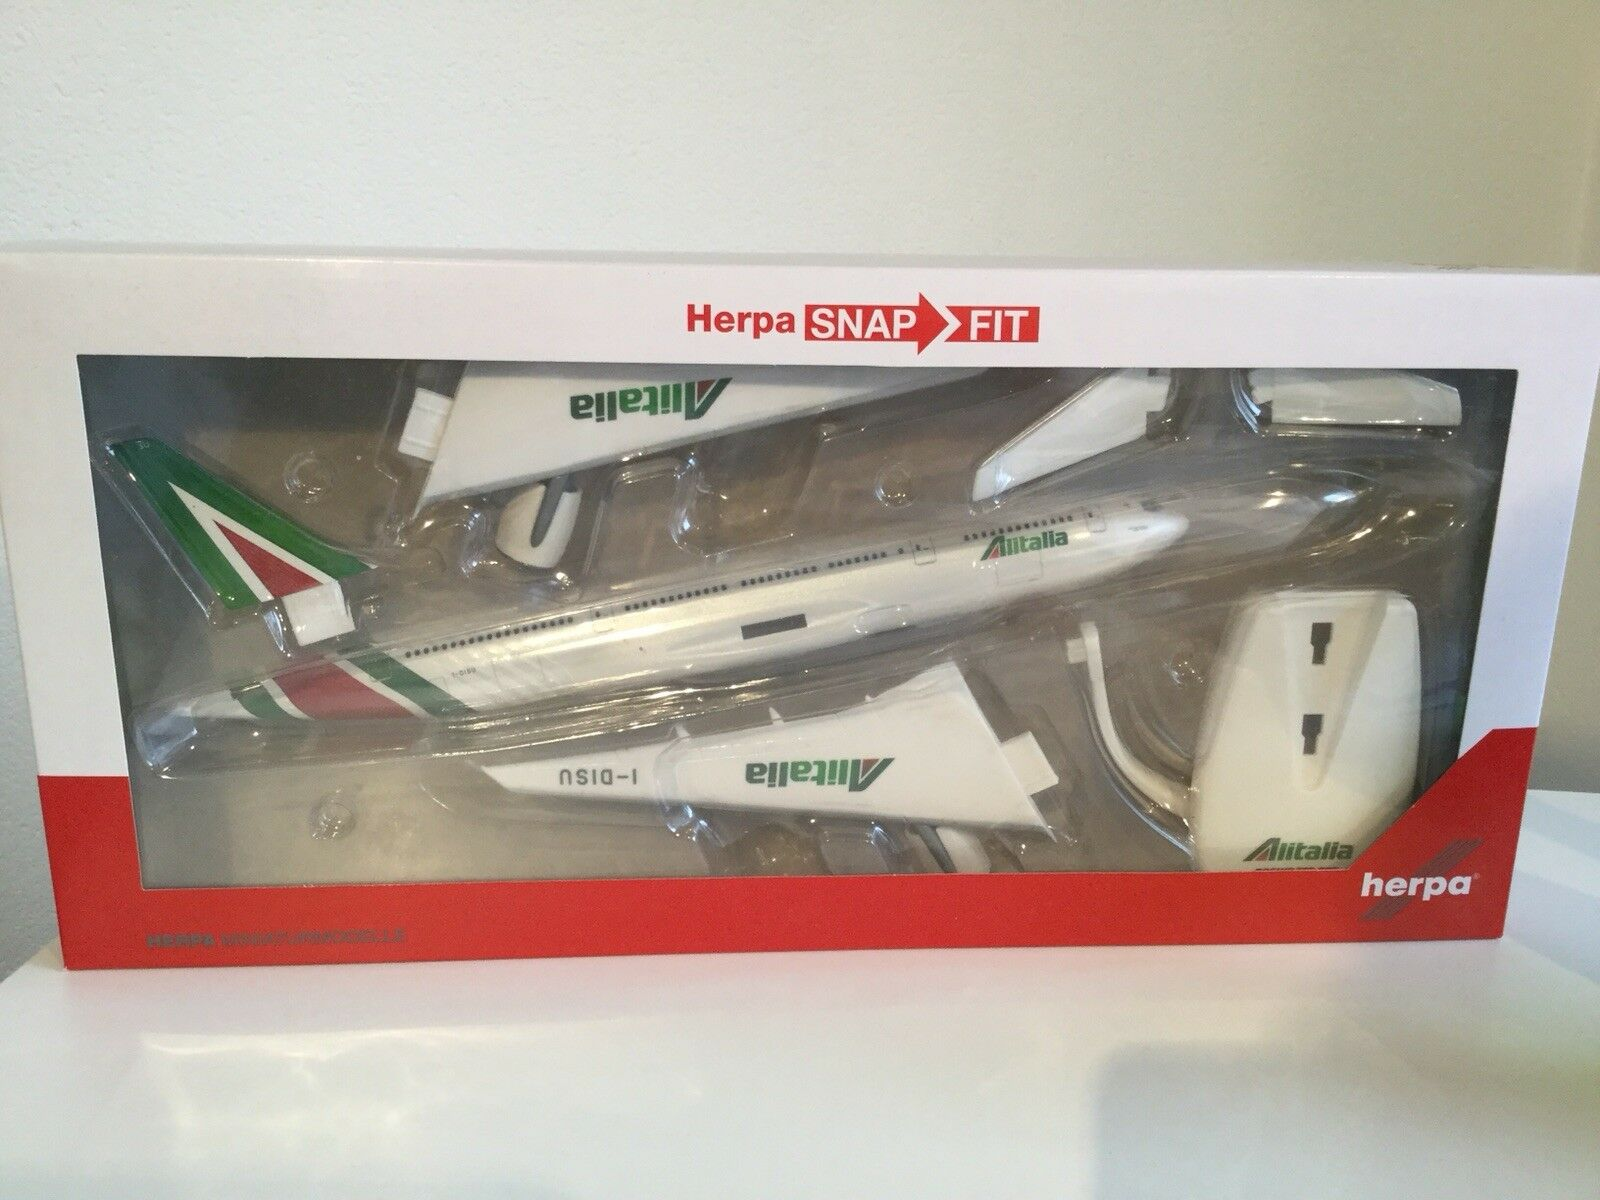 Nouveau ALITALIA ALITALIA ALITALIA avion modèle de HERPA AVION 643033